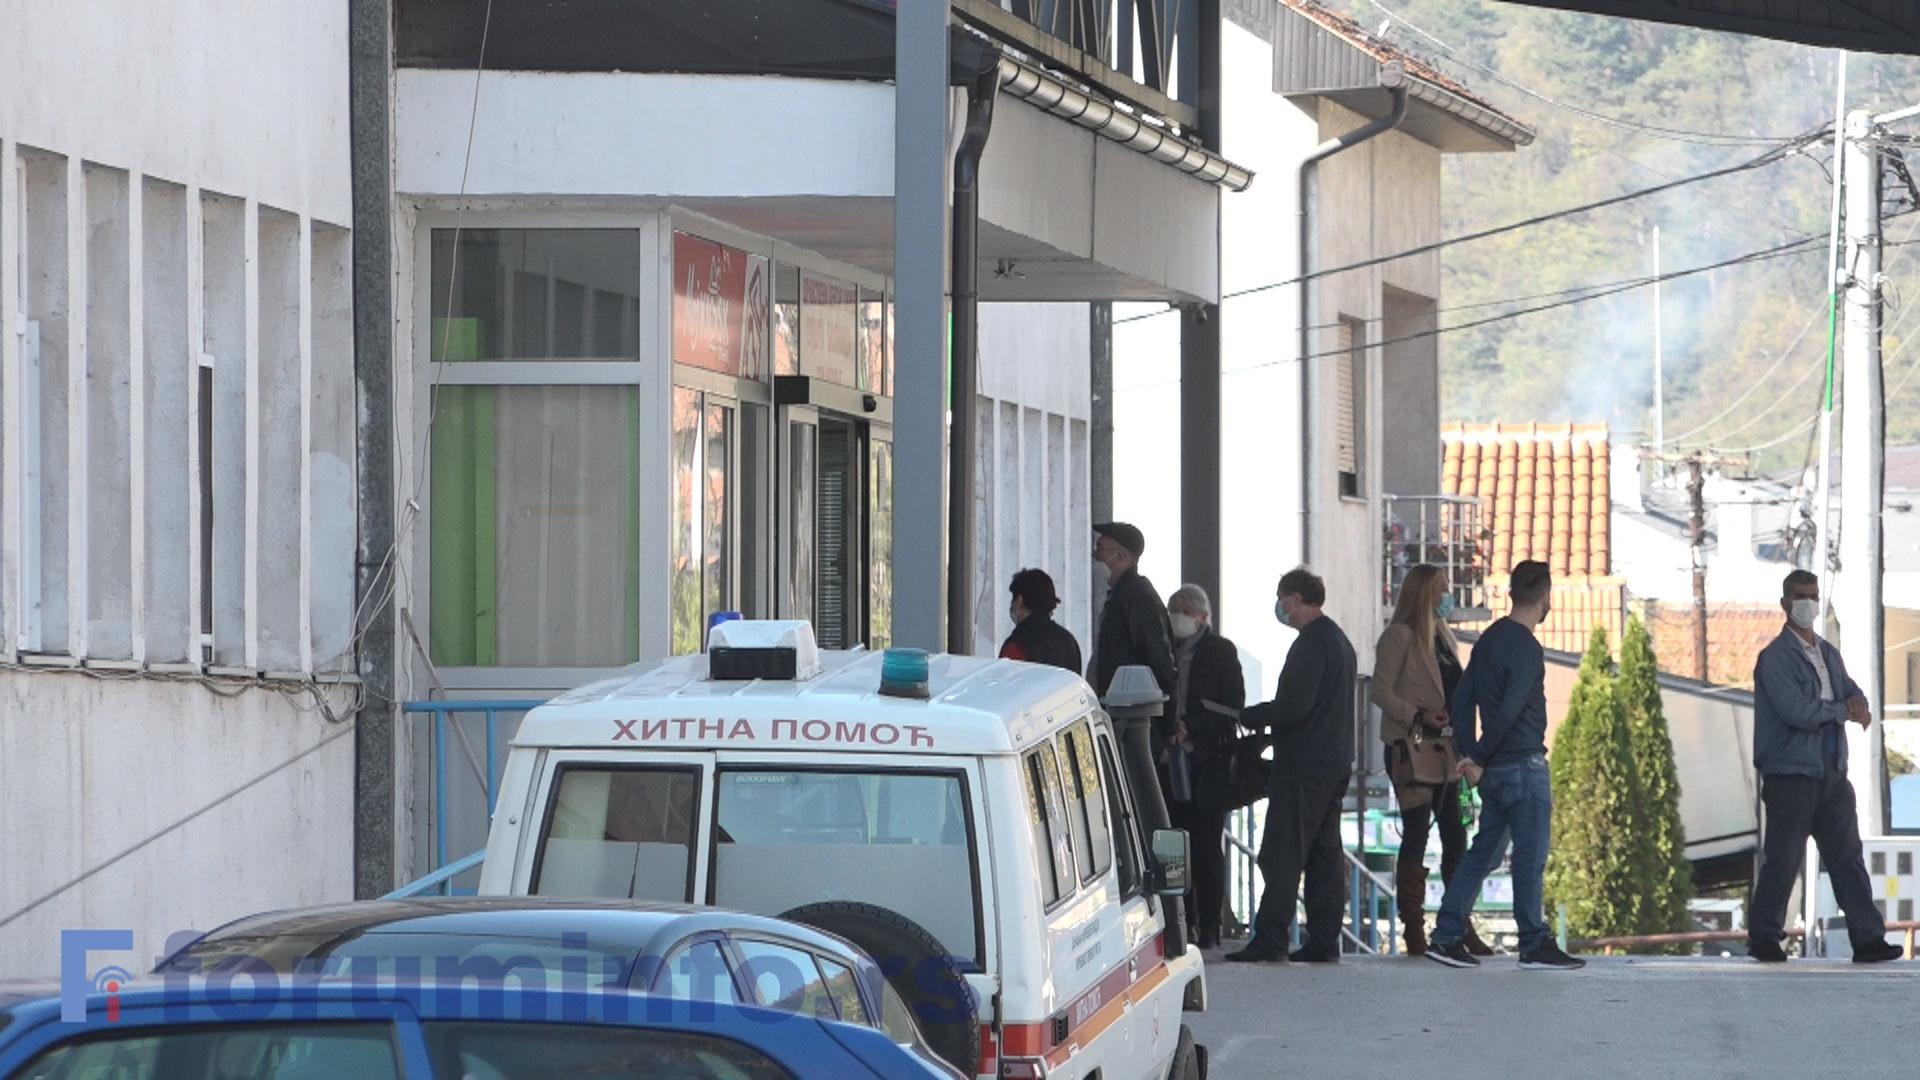 У Пријепољу 16 новооболелих – У пријепољској болници отворено Ковид одељење